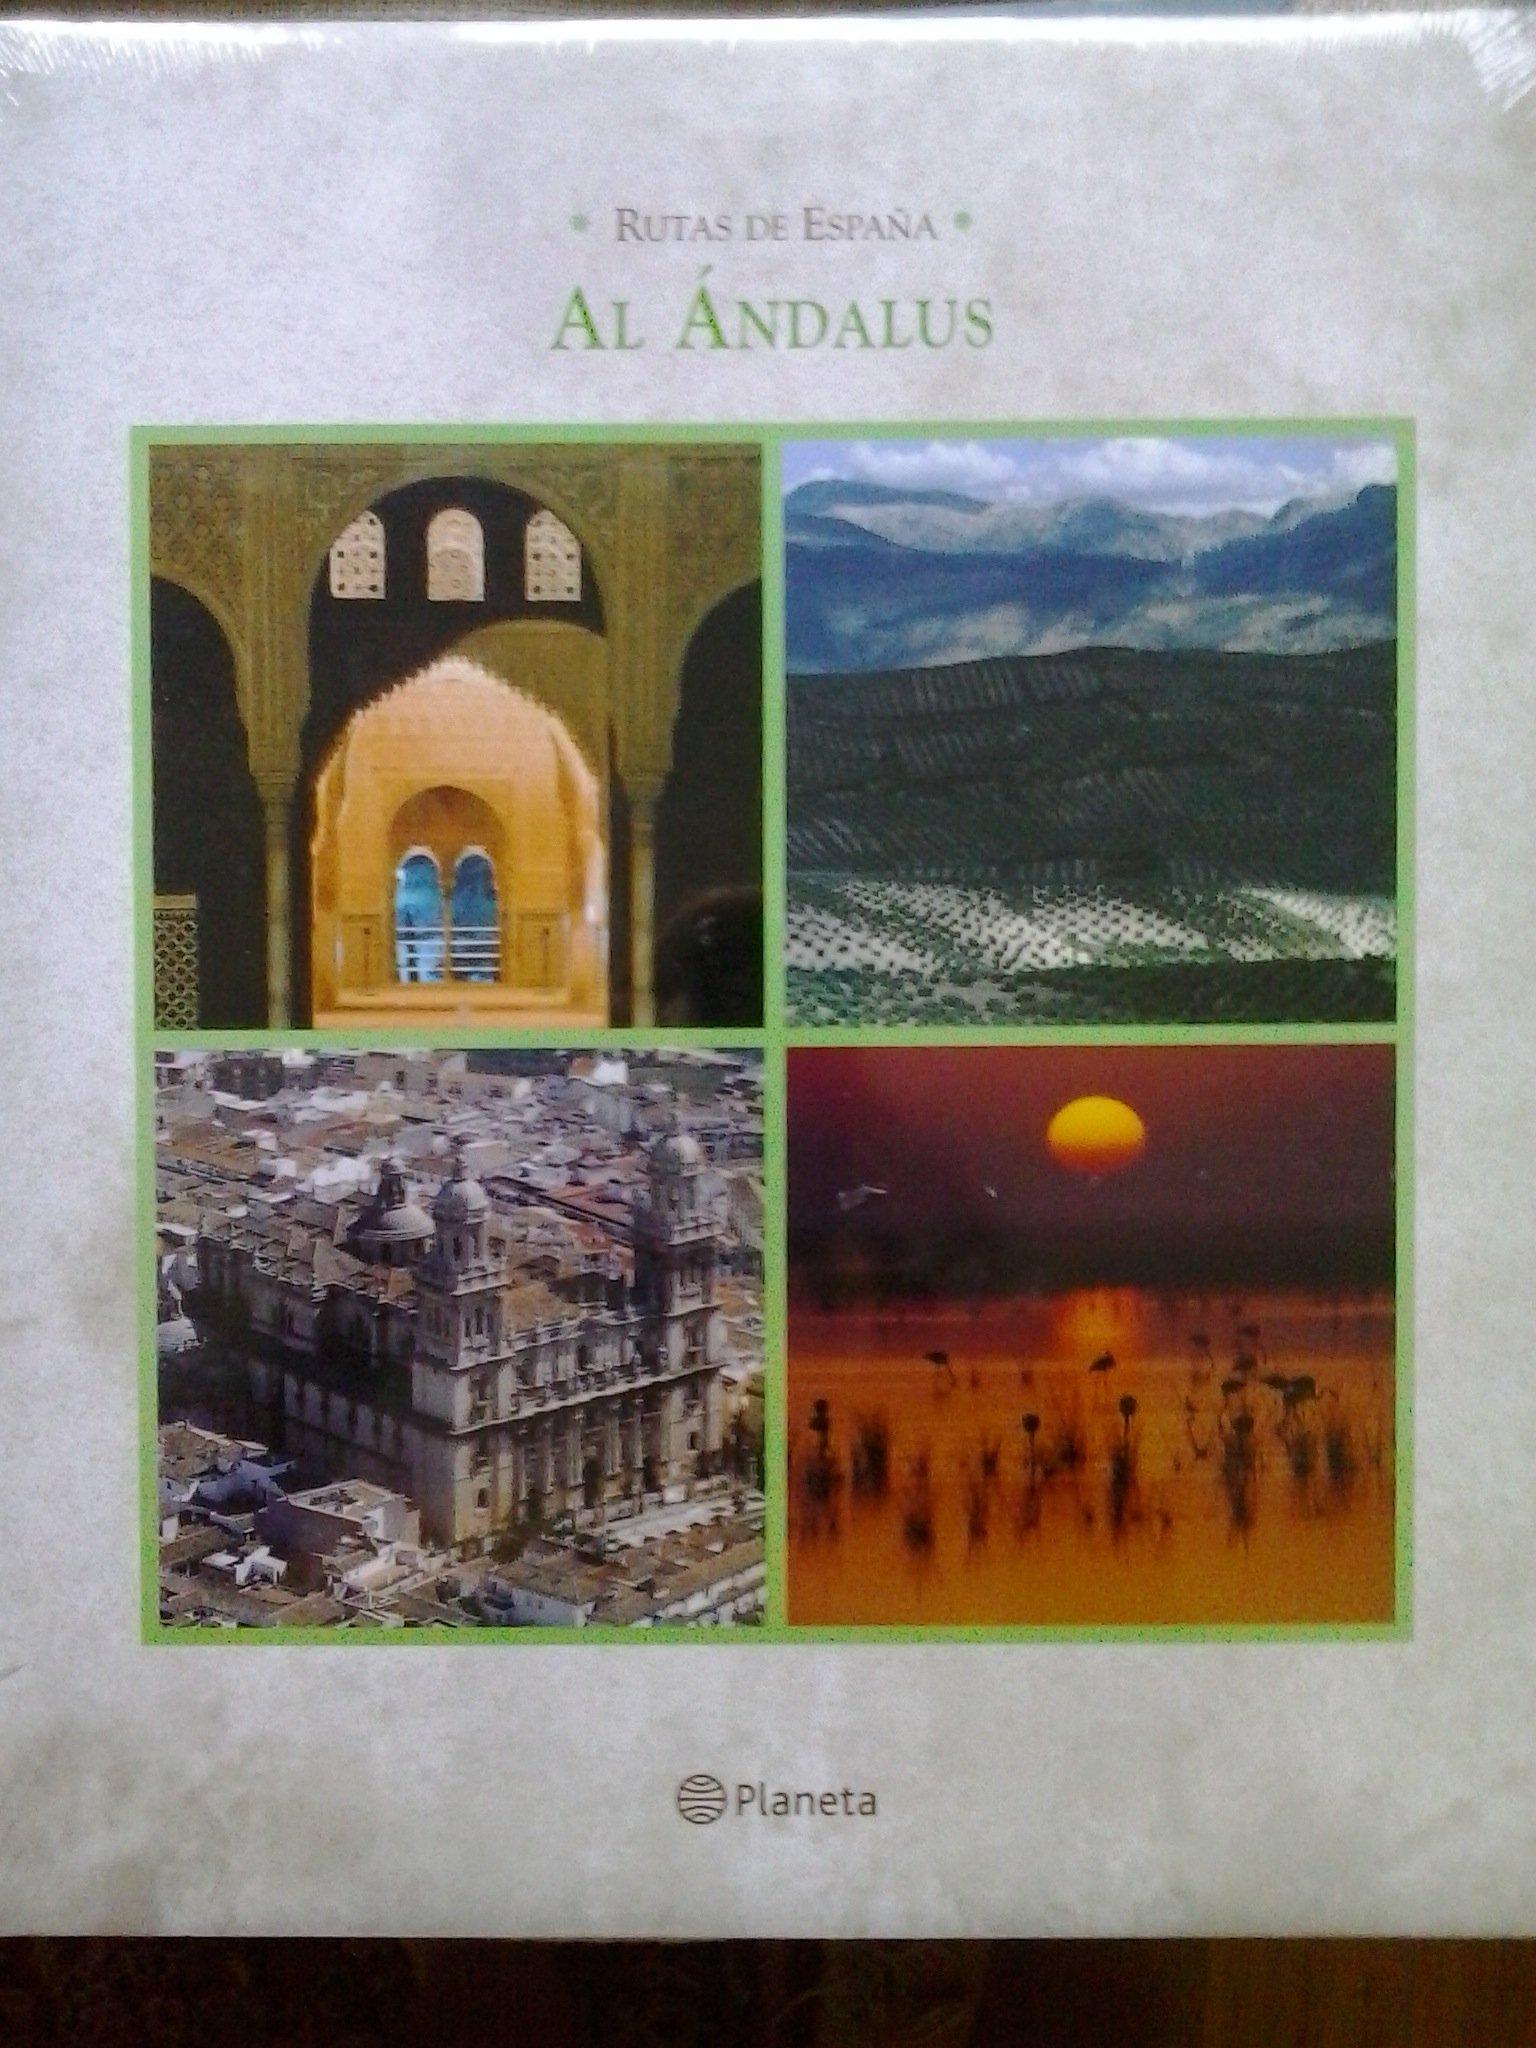 RUTAS DE ESPAÑA: AL ANDALUS: Amazon.es: AVILA GRANADOS, Jesus, Abundantes fotografias color.: Libros